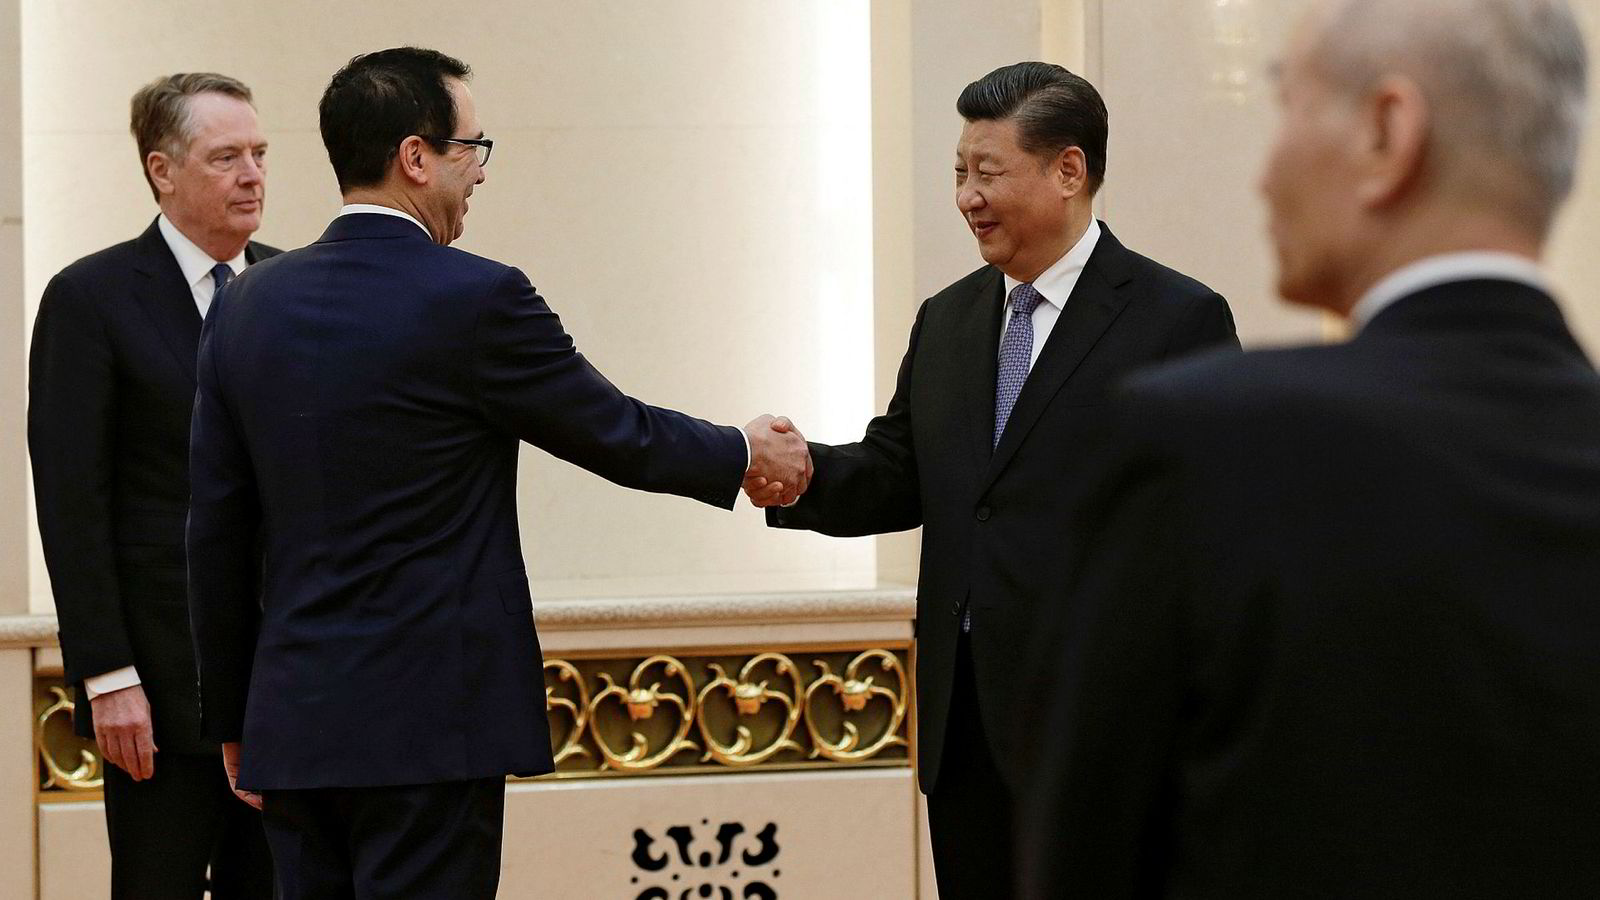 Kina og USA skaper trøbbel for hverandre. Her trykker imidlertid finansminister i USA Steven Mnuchin og Kinas president Xi Jinping hender under et møte i Beijing tidligere i år.